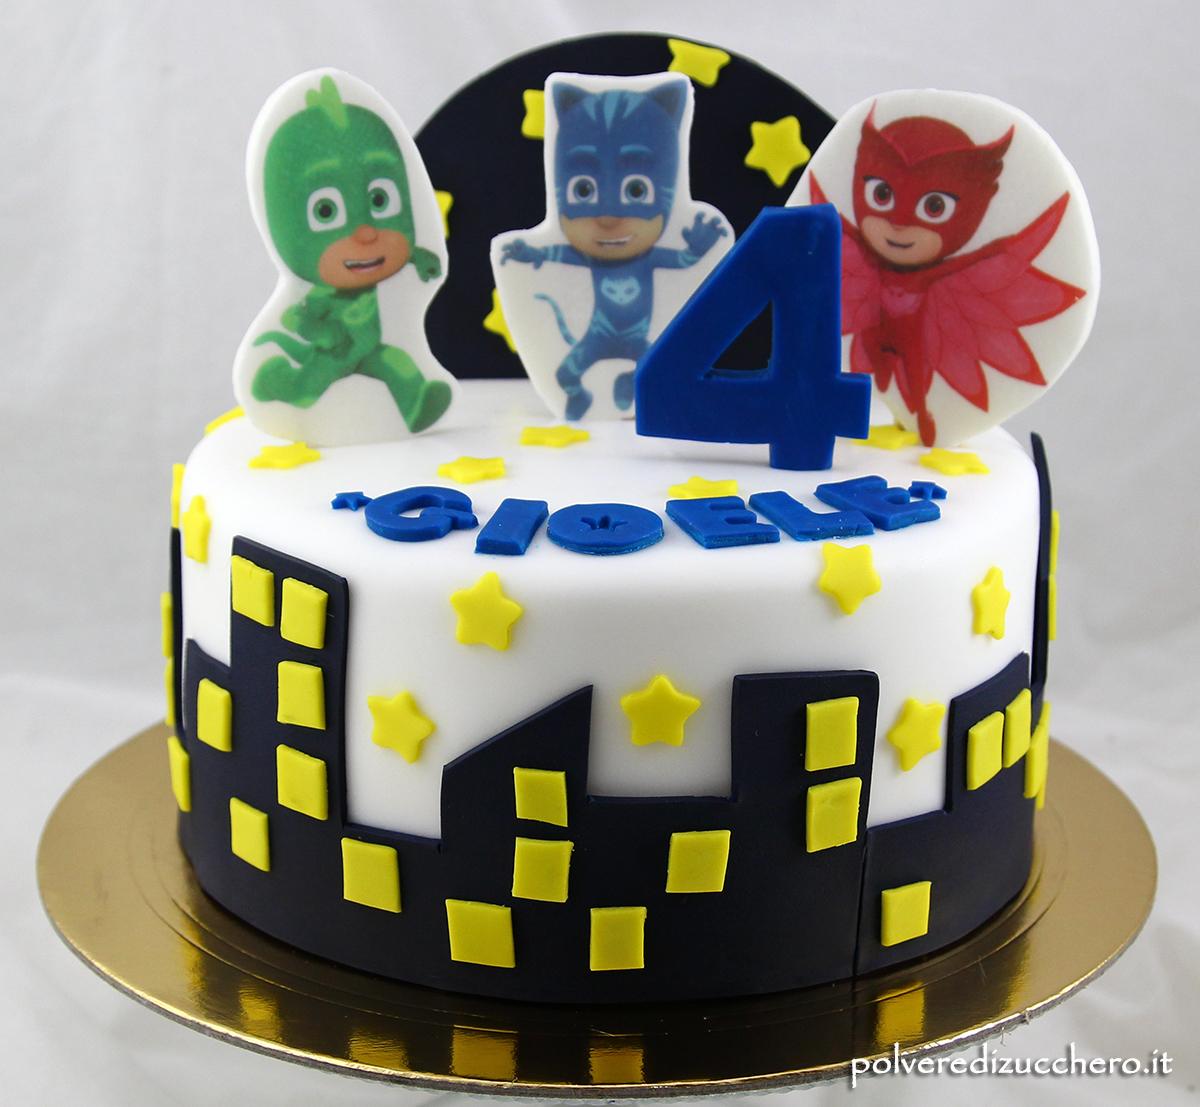 pasta di zucchero cake design wafer paper cialda ostia pj masks super pigiamini pasta di zucchero polvere di zucchero